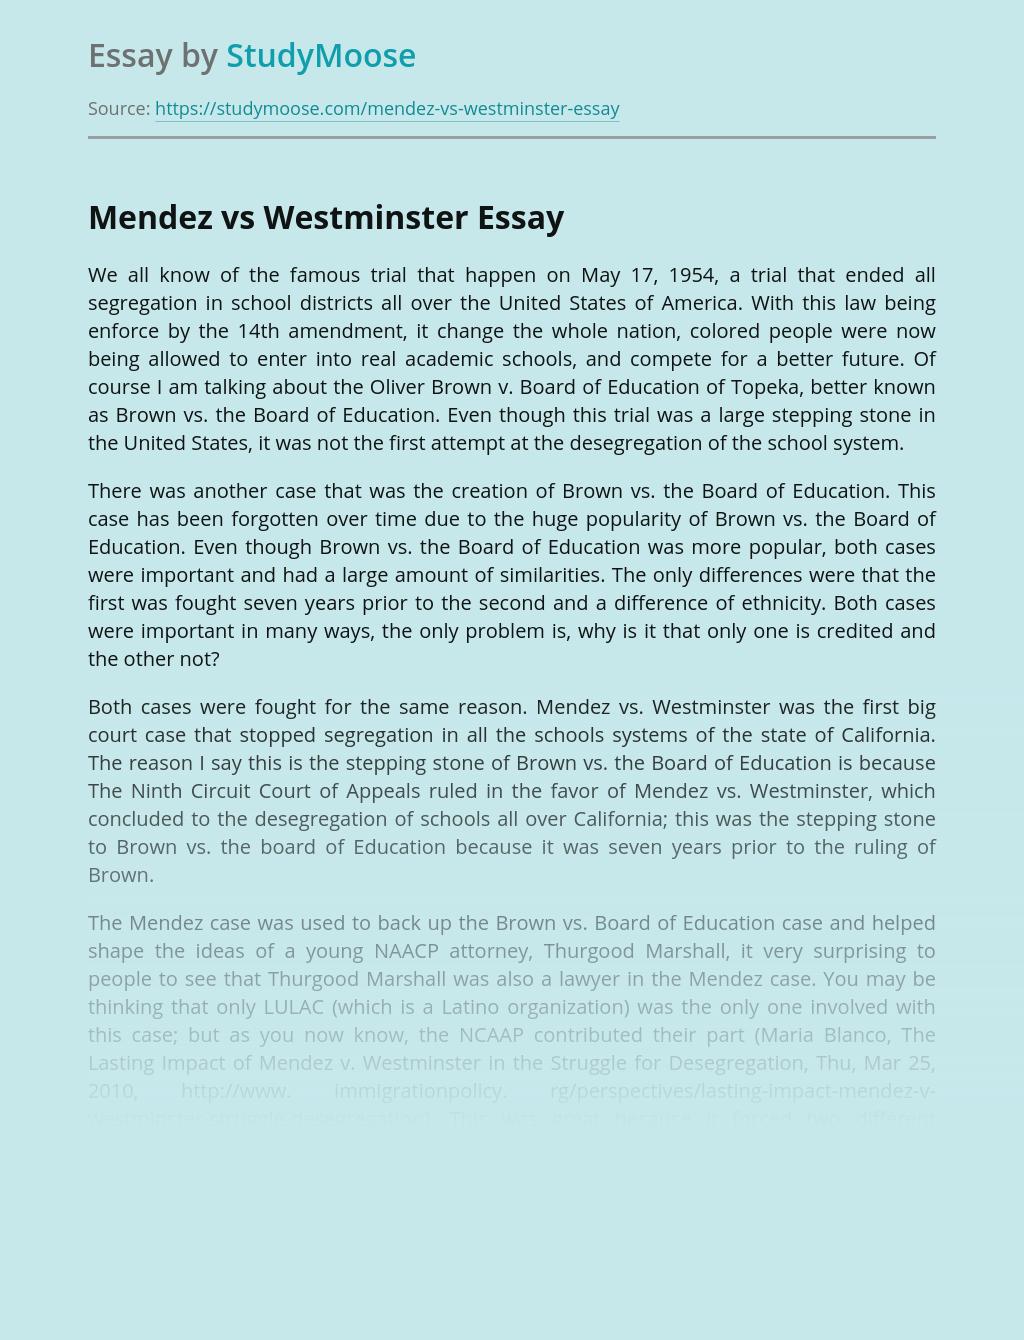 Mendez vs Westminster Court Case